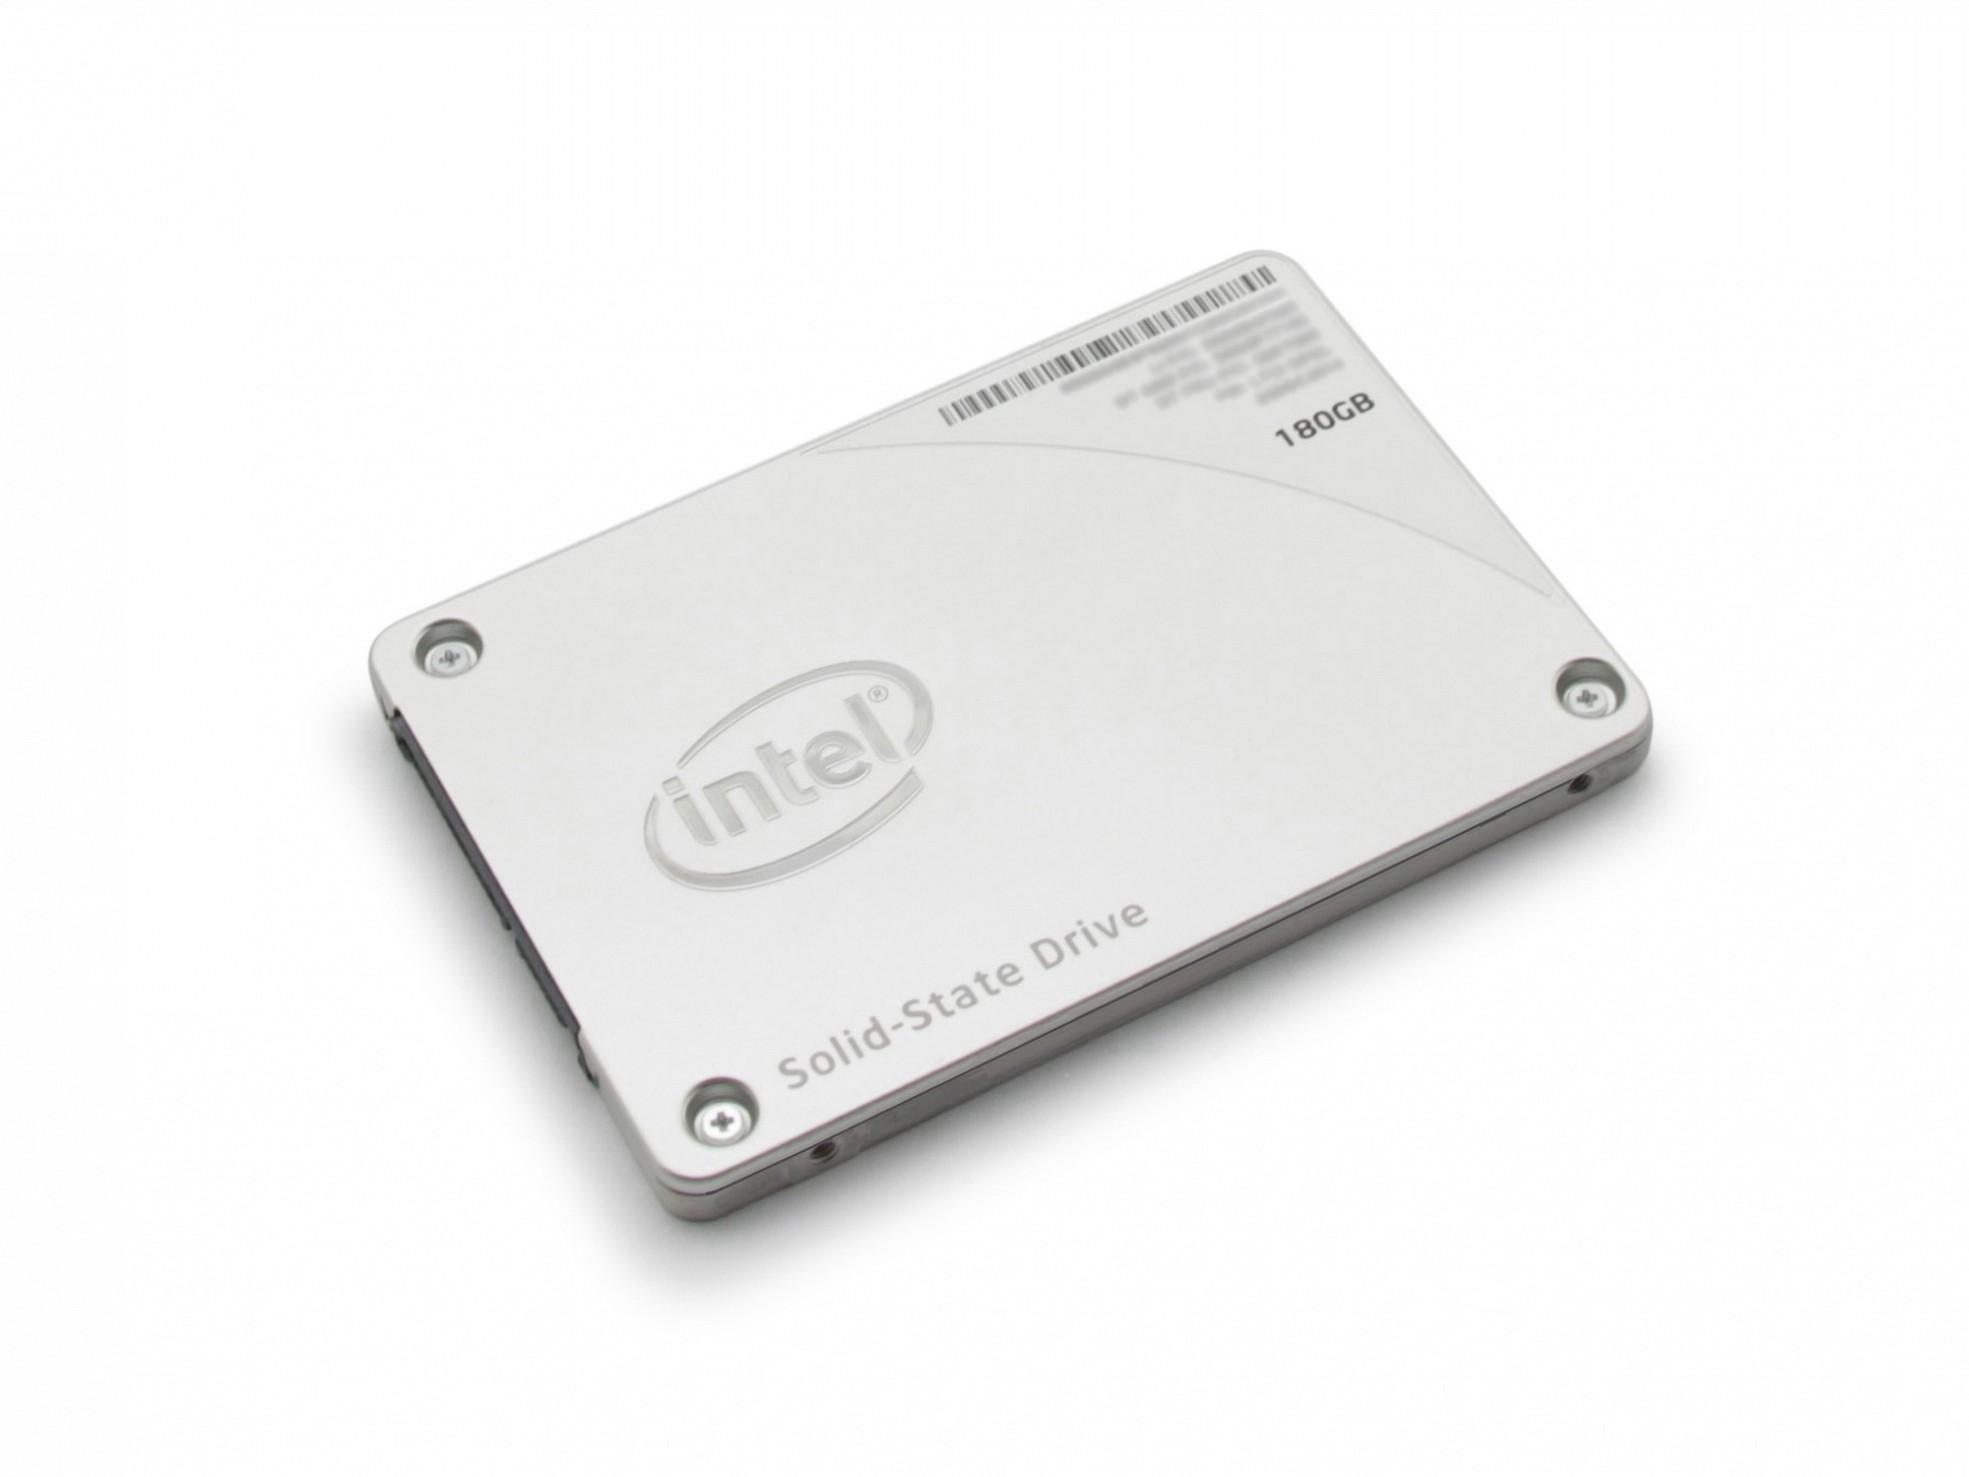 Festplatte SSD - 180GB Intel für Wortmann Terra Mobile 1509 (1220111)